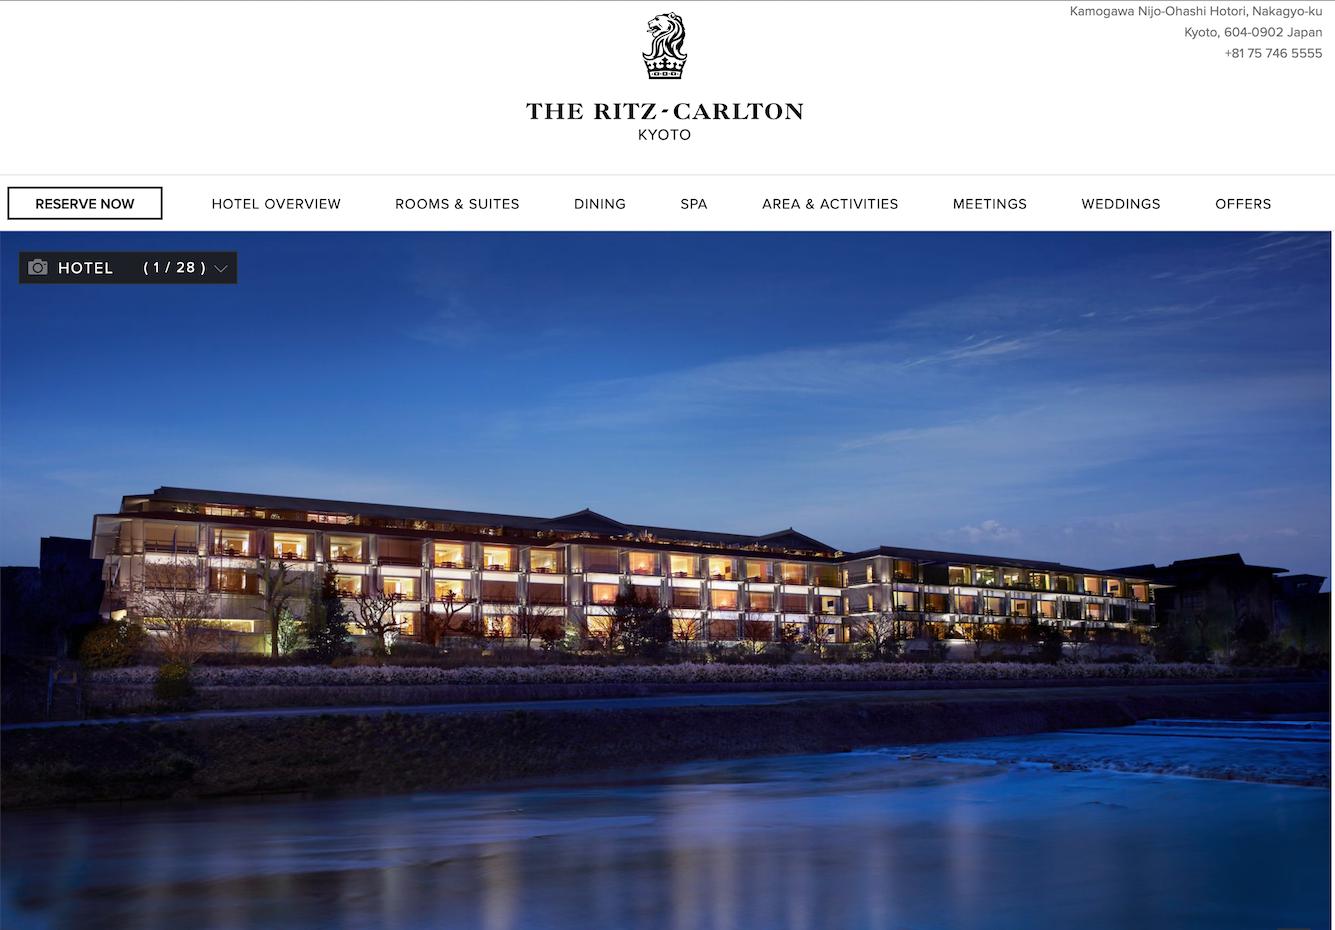 万豪集团联手日本积水住宅,将在日本乡村地区打造50家连锁酒店